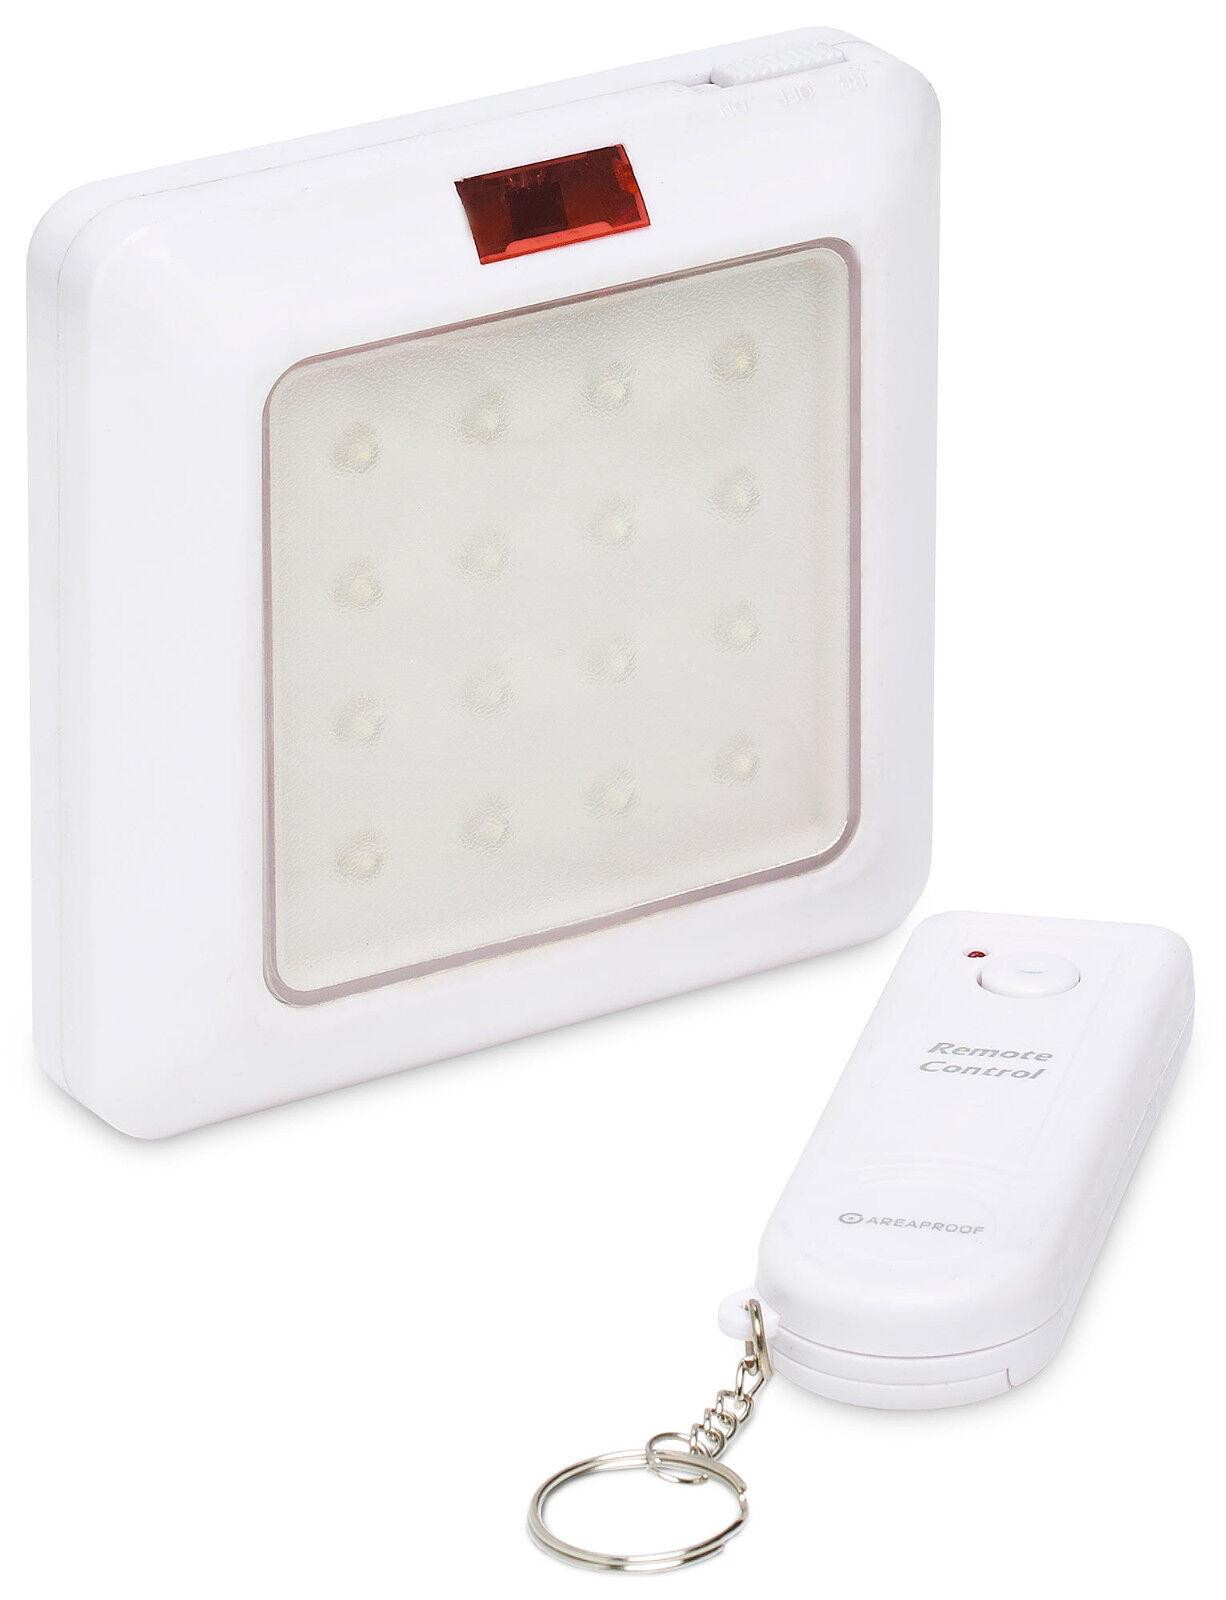 Kabellose LED-Lampe Schnurschalter als Glühbirne